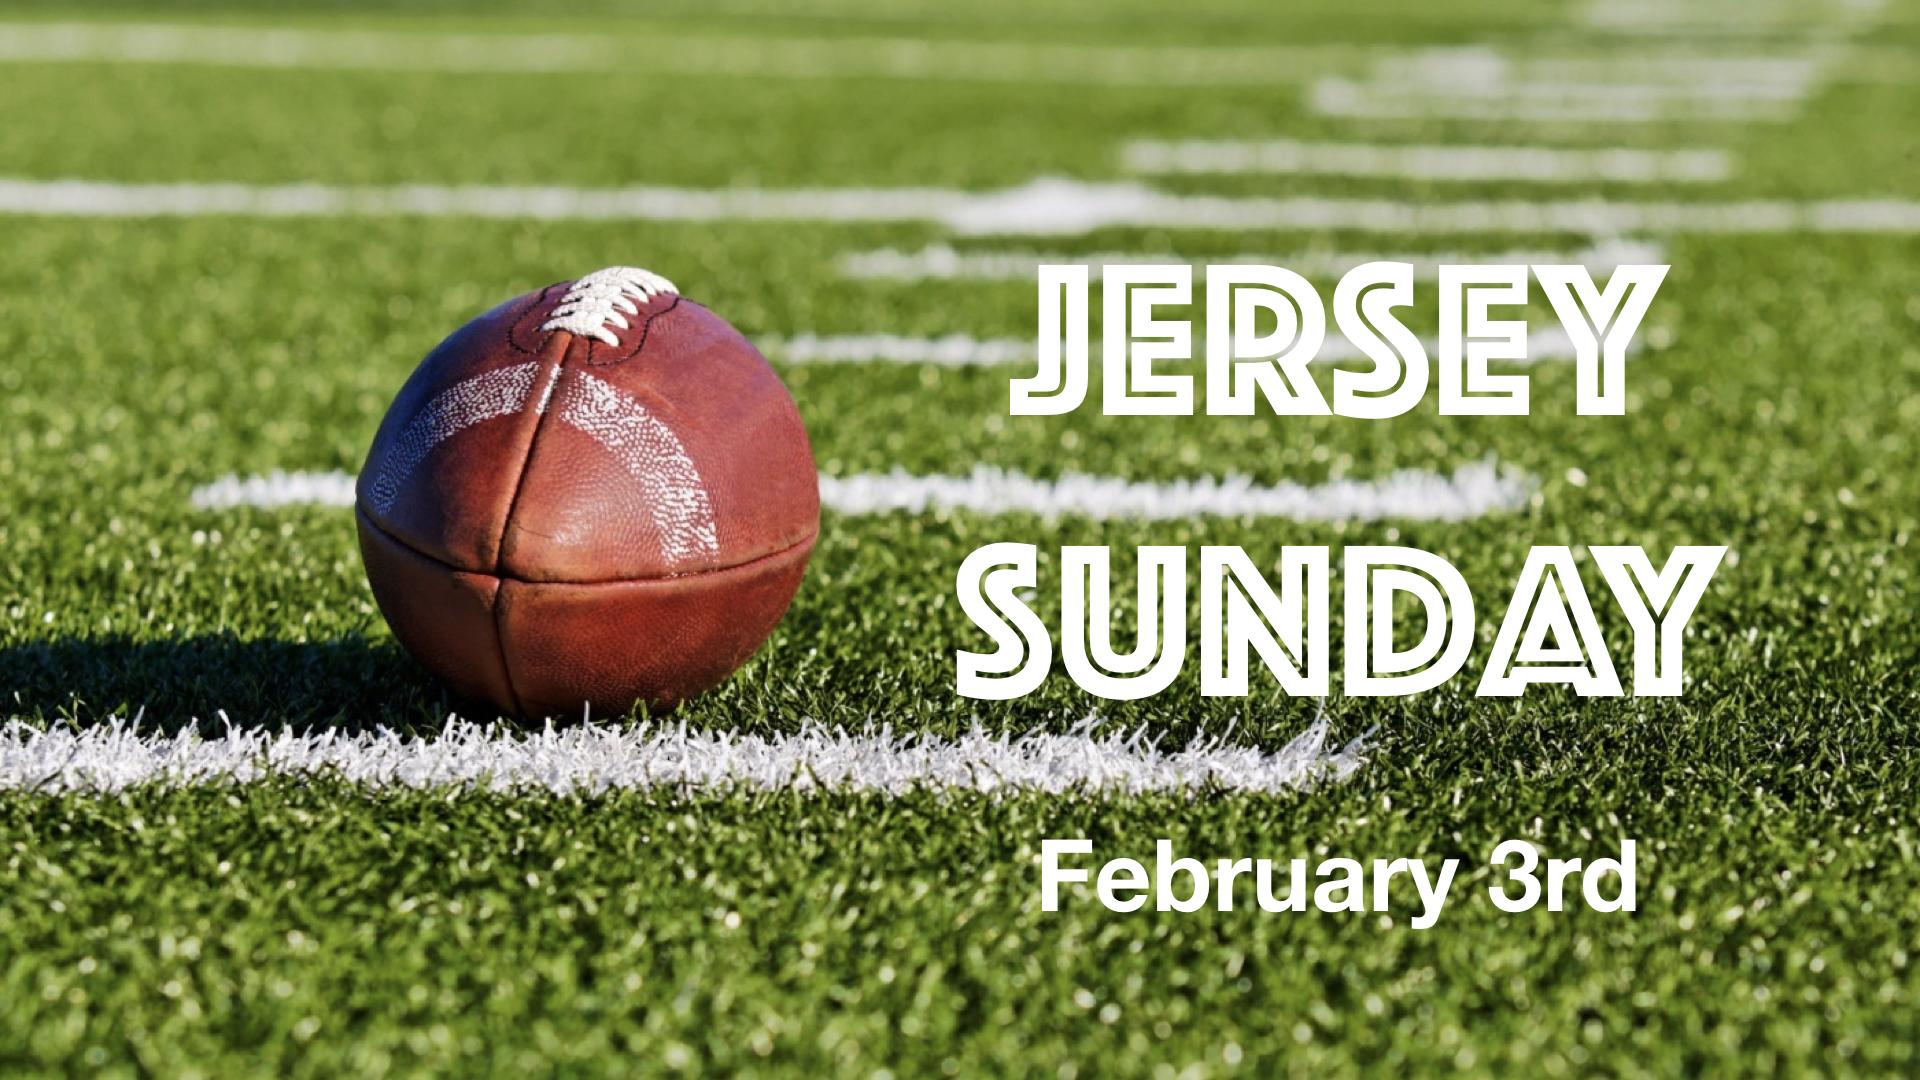 Jersey Sunday.jpeg